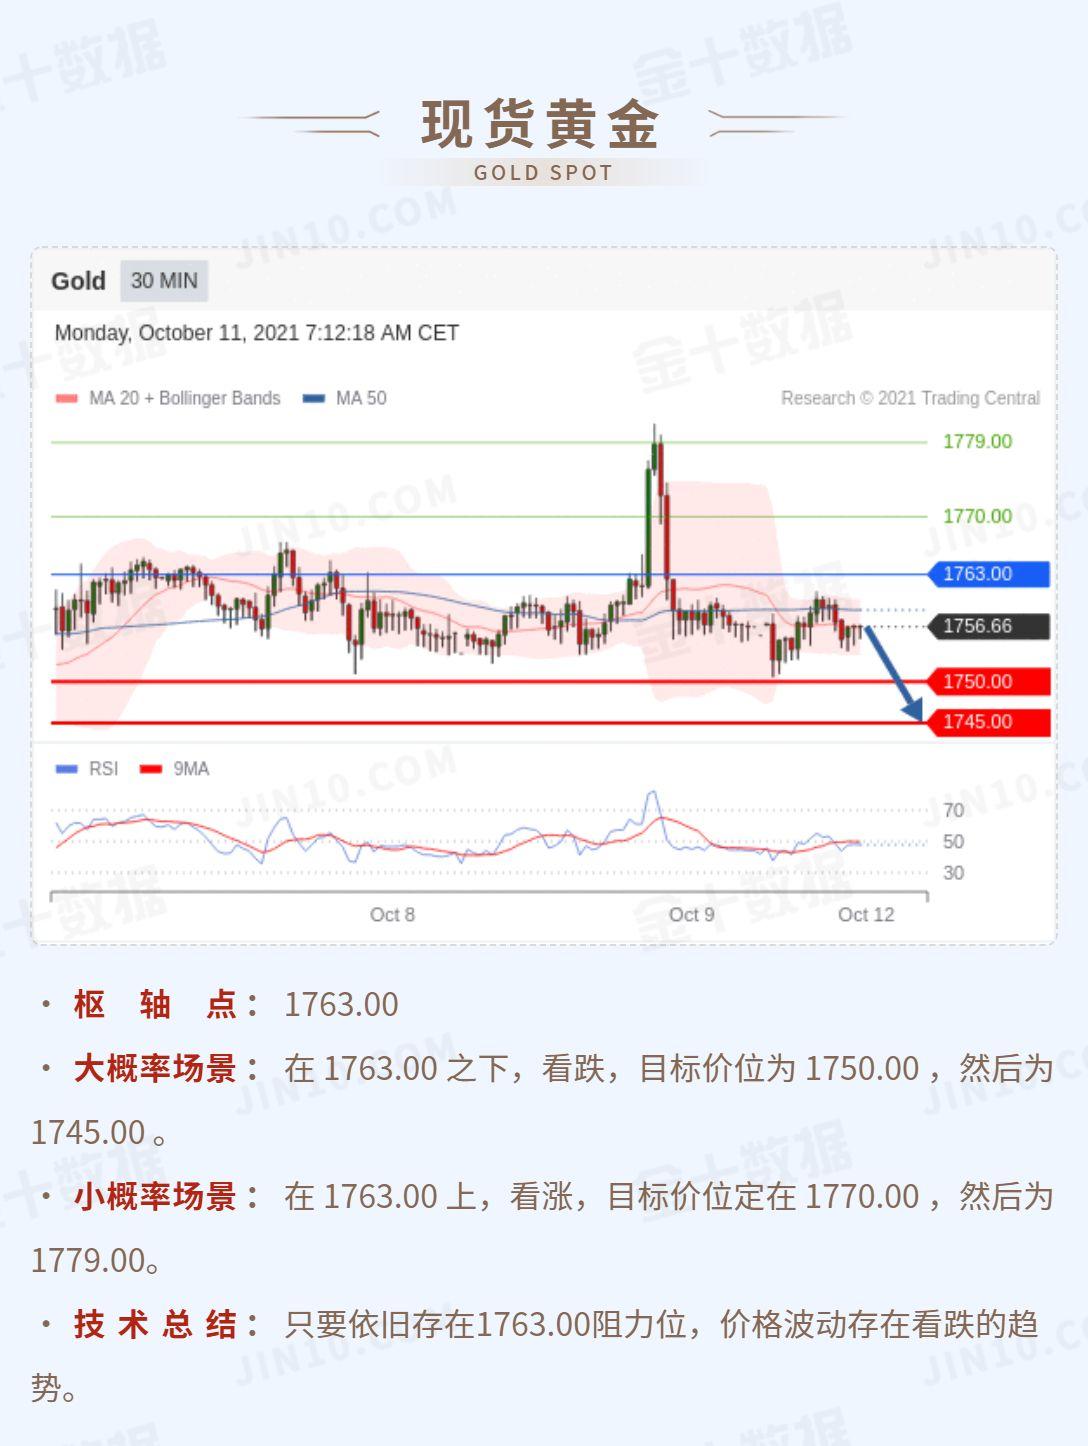 技术刘:金银窄幅震荡,美元兑日元创年内新高